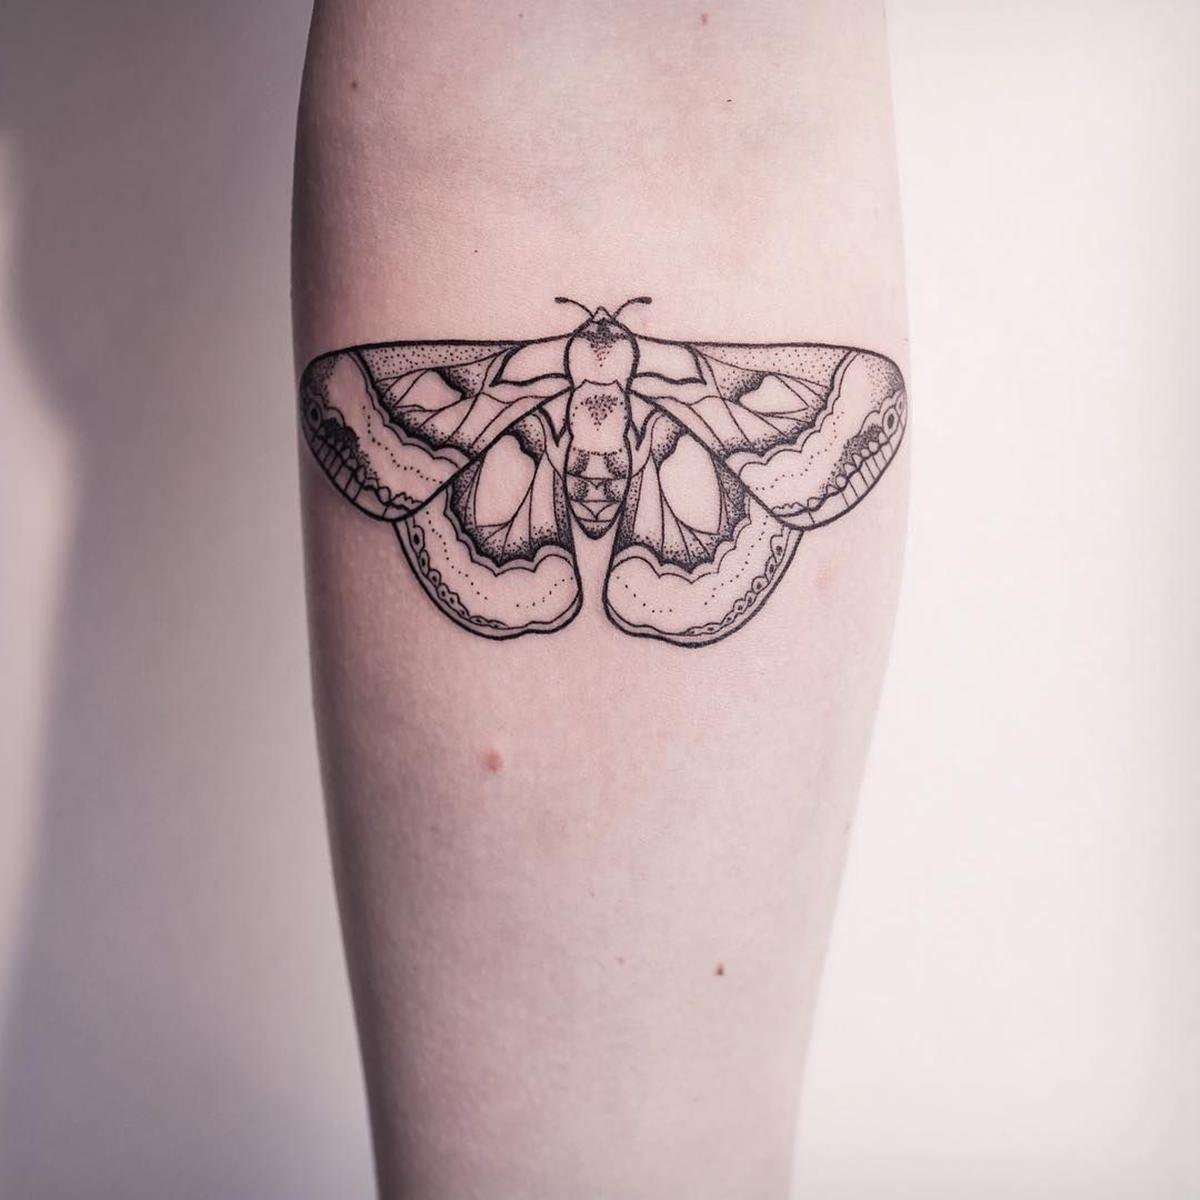 Tatuagem de mariposa no braço